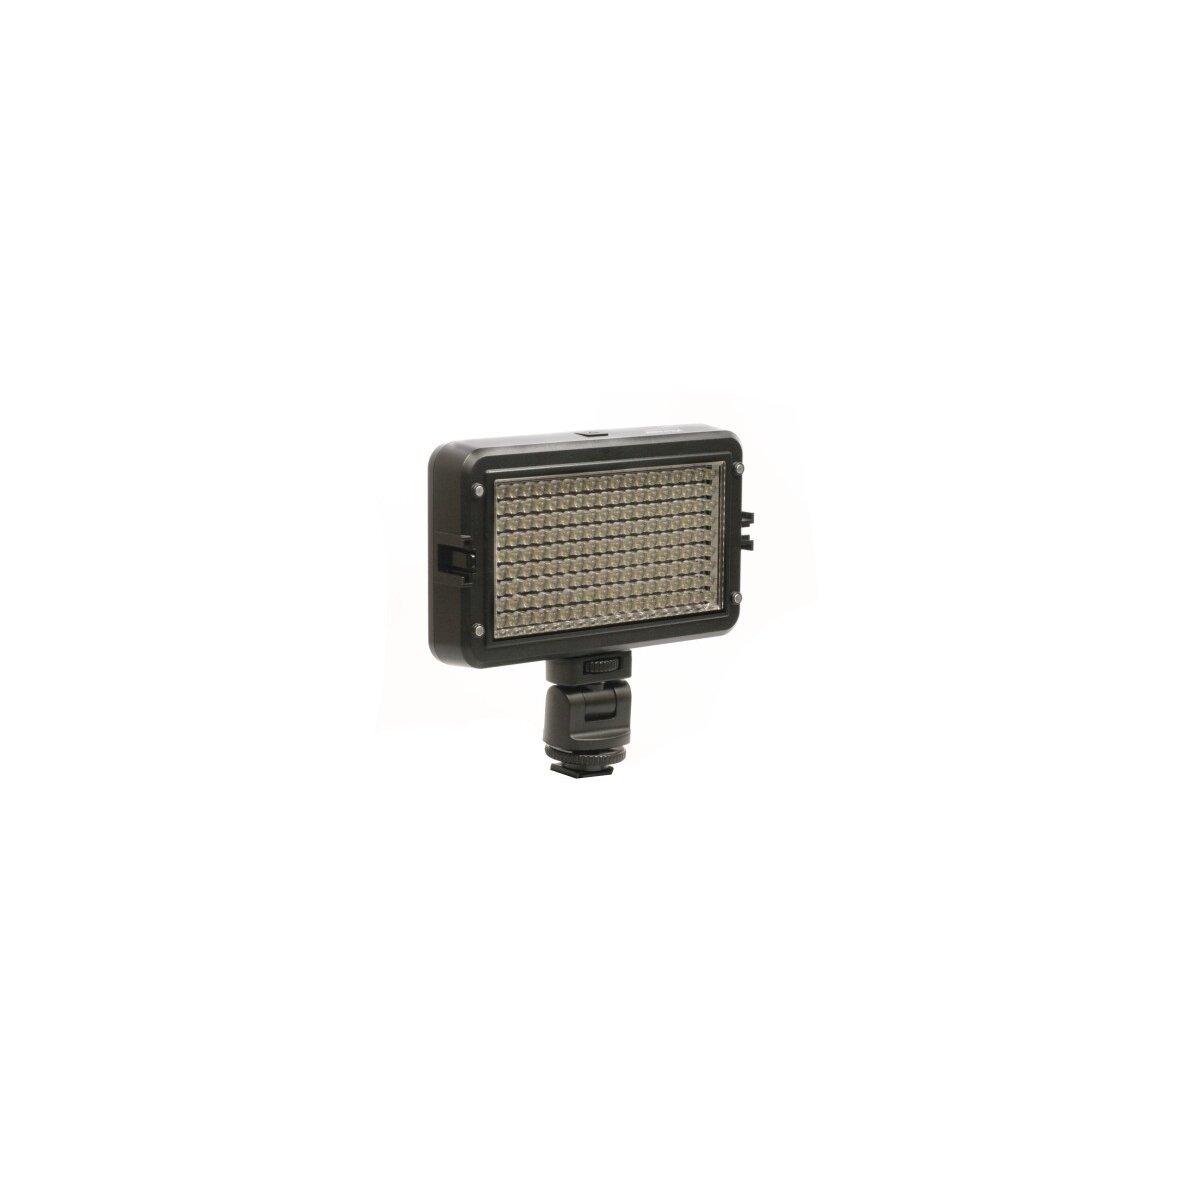 Viltrox Kraftvolle Videoleuchte 162 LED's, Lichtkamera mit Dimmer fuer Farbtemperaturregelung & 2 Filtern fuer alle gaengigen Kameras (LL-162VT)